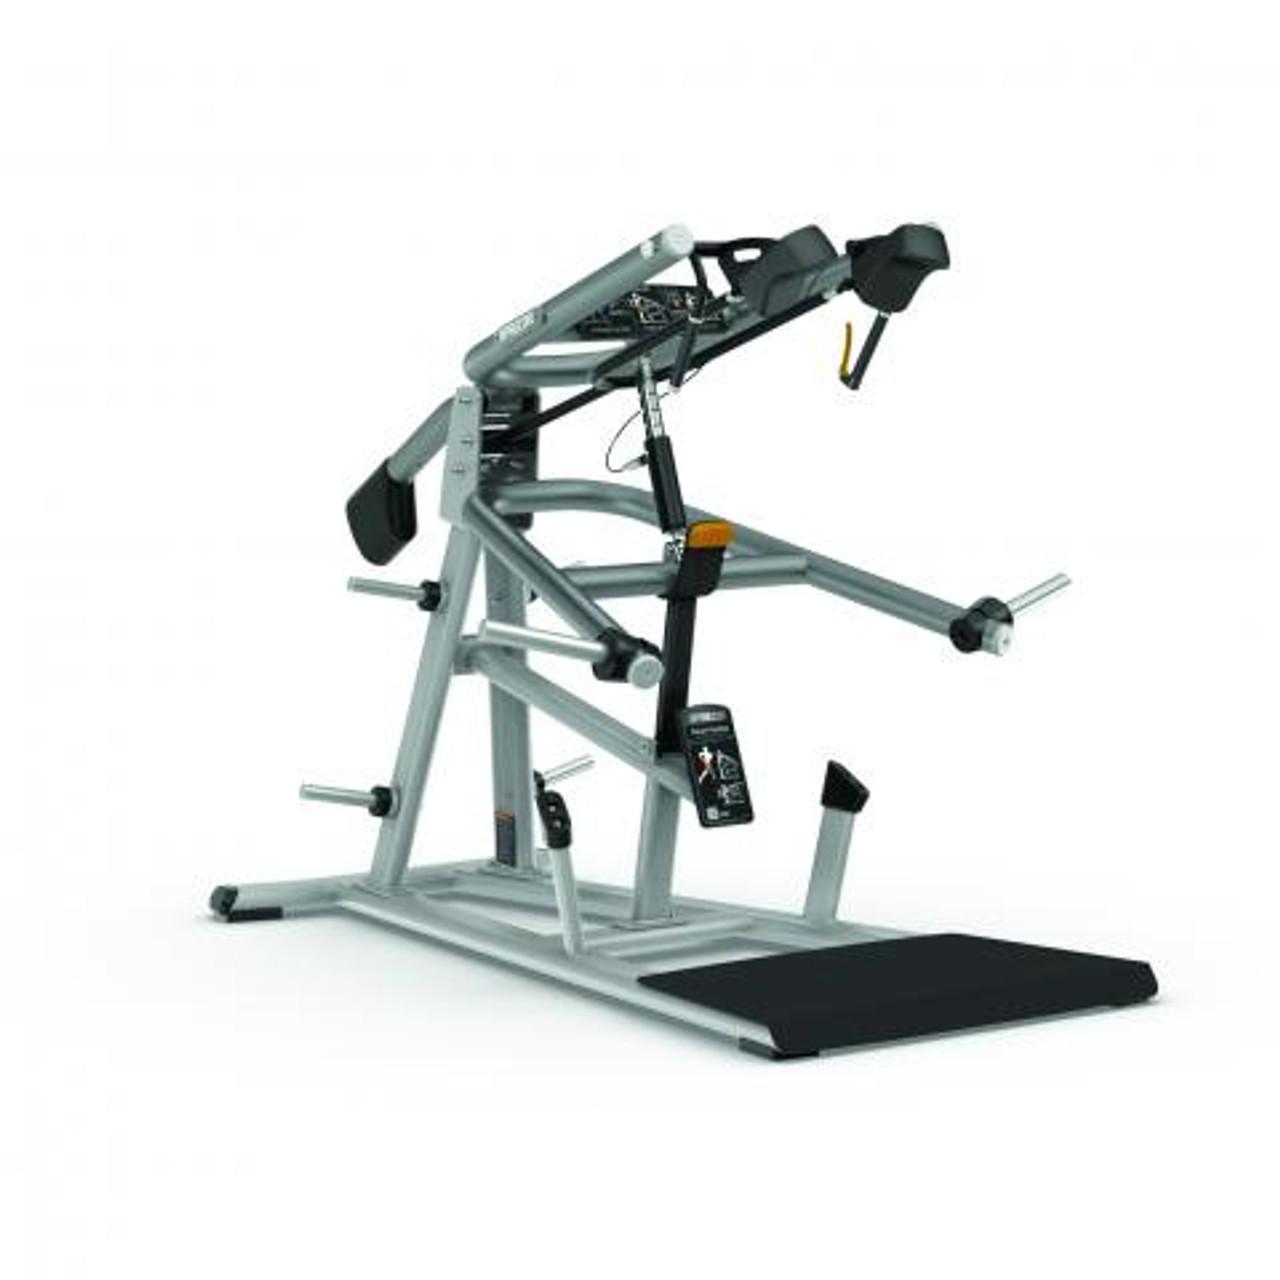 Precor Discovery Series Squat Machine